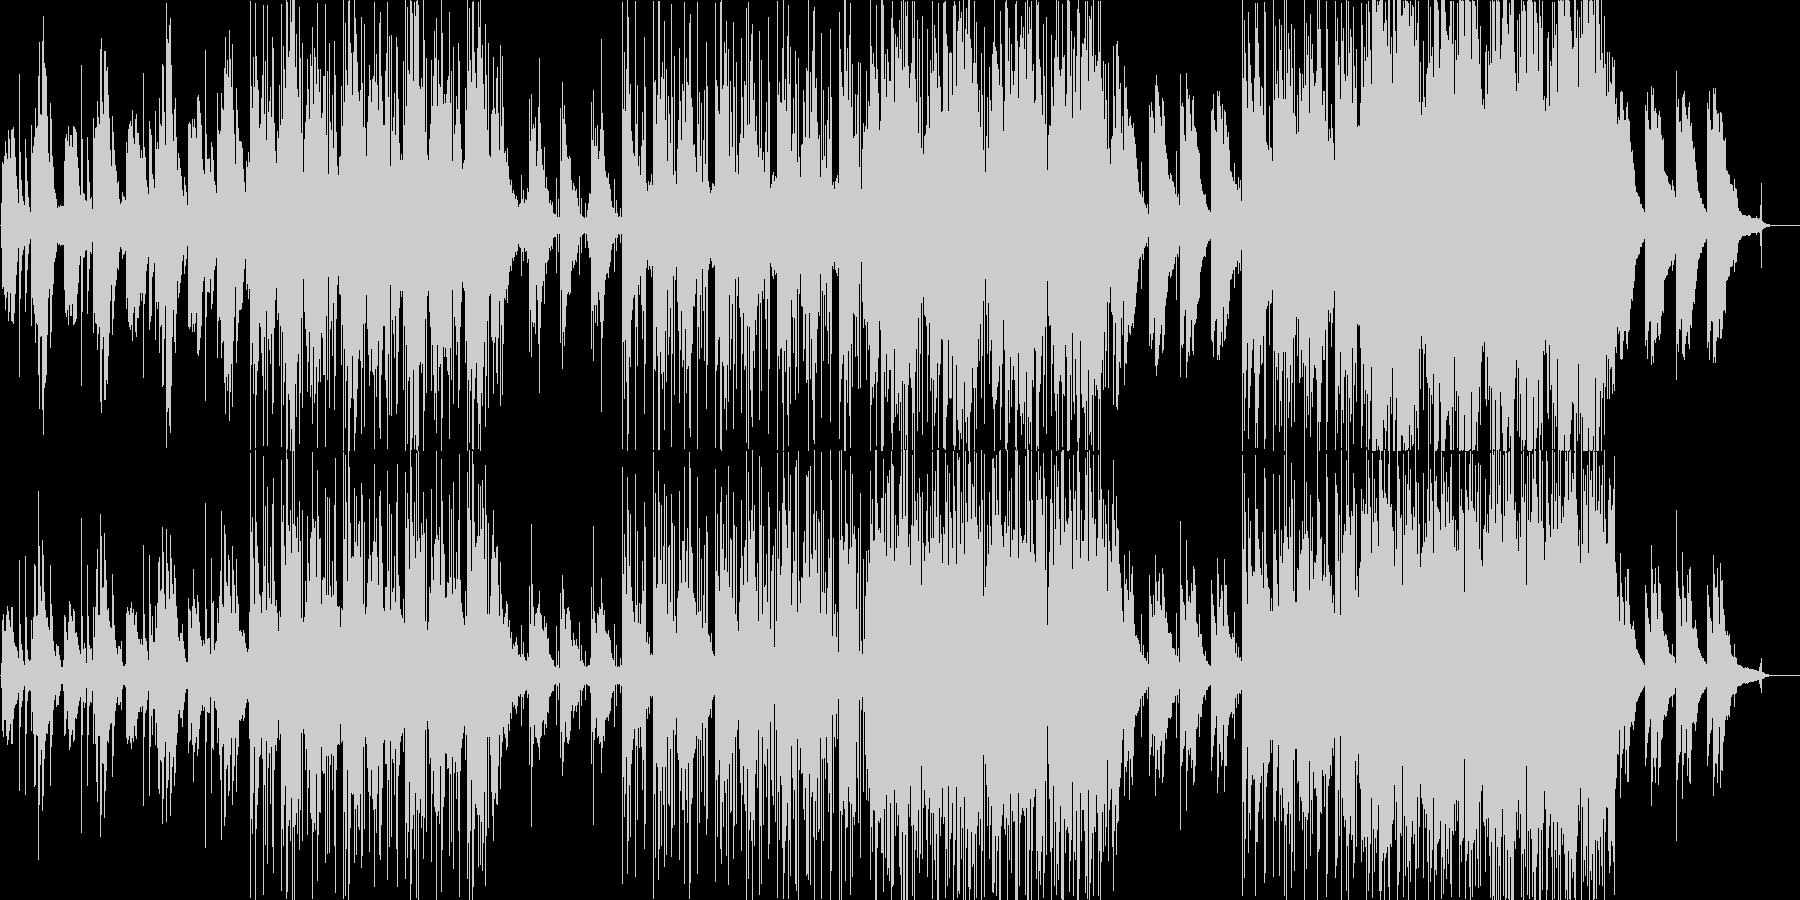 寂しげな雰囲気のエレクトロニカの未再生の波形